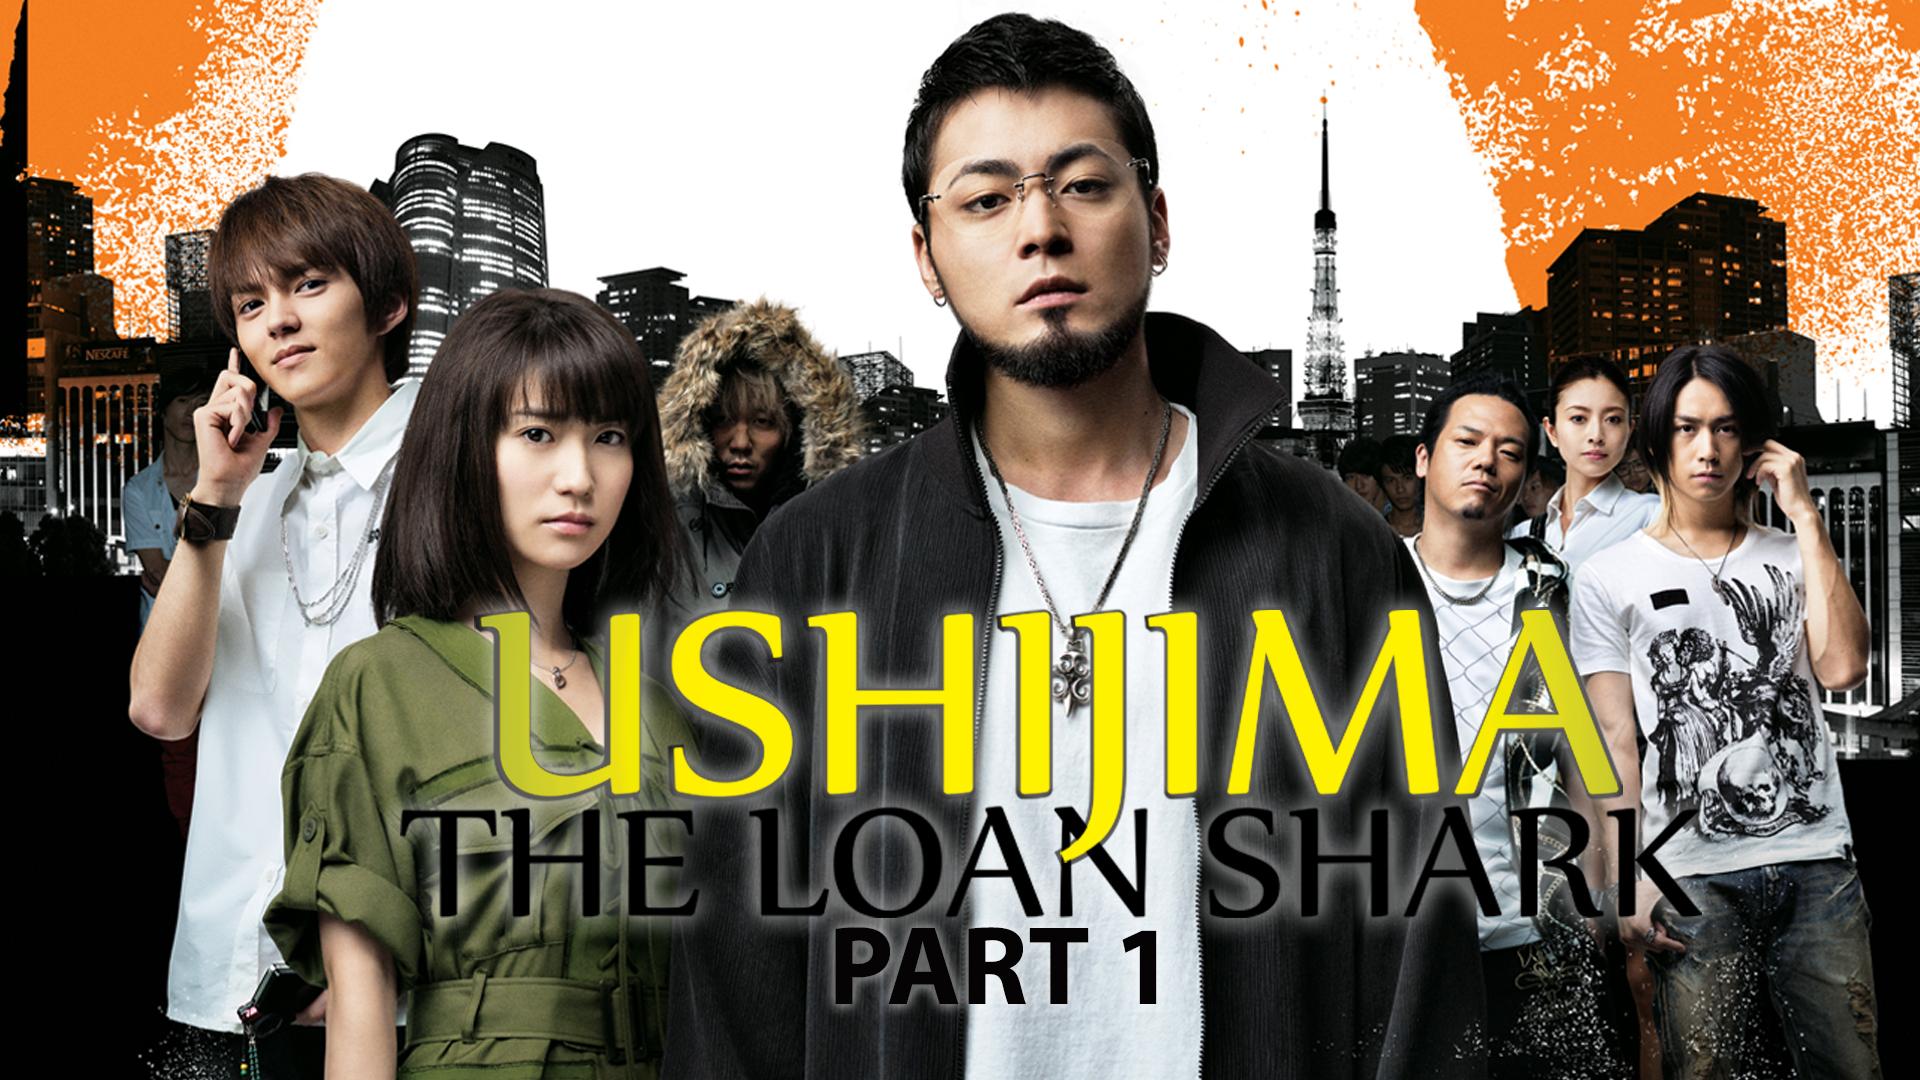 Ushijima the Loan Shark Part 1